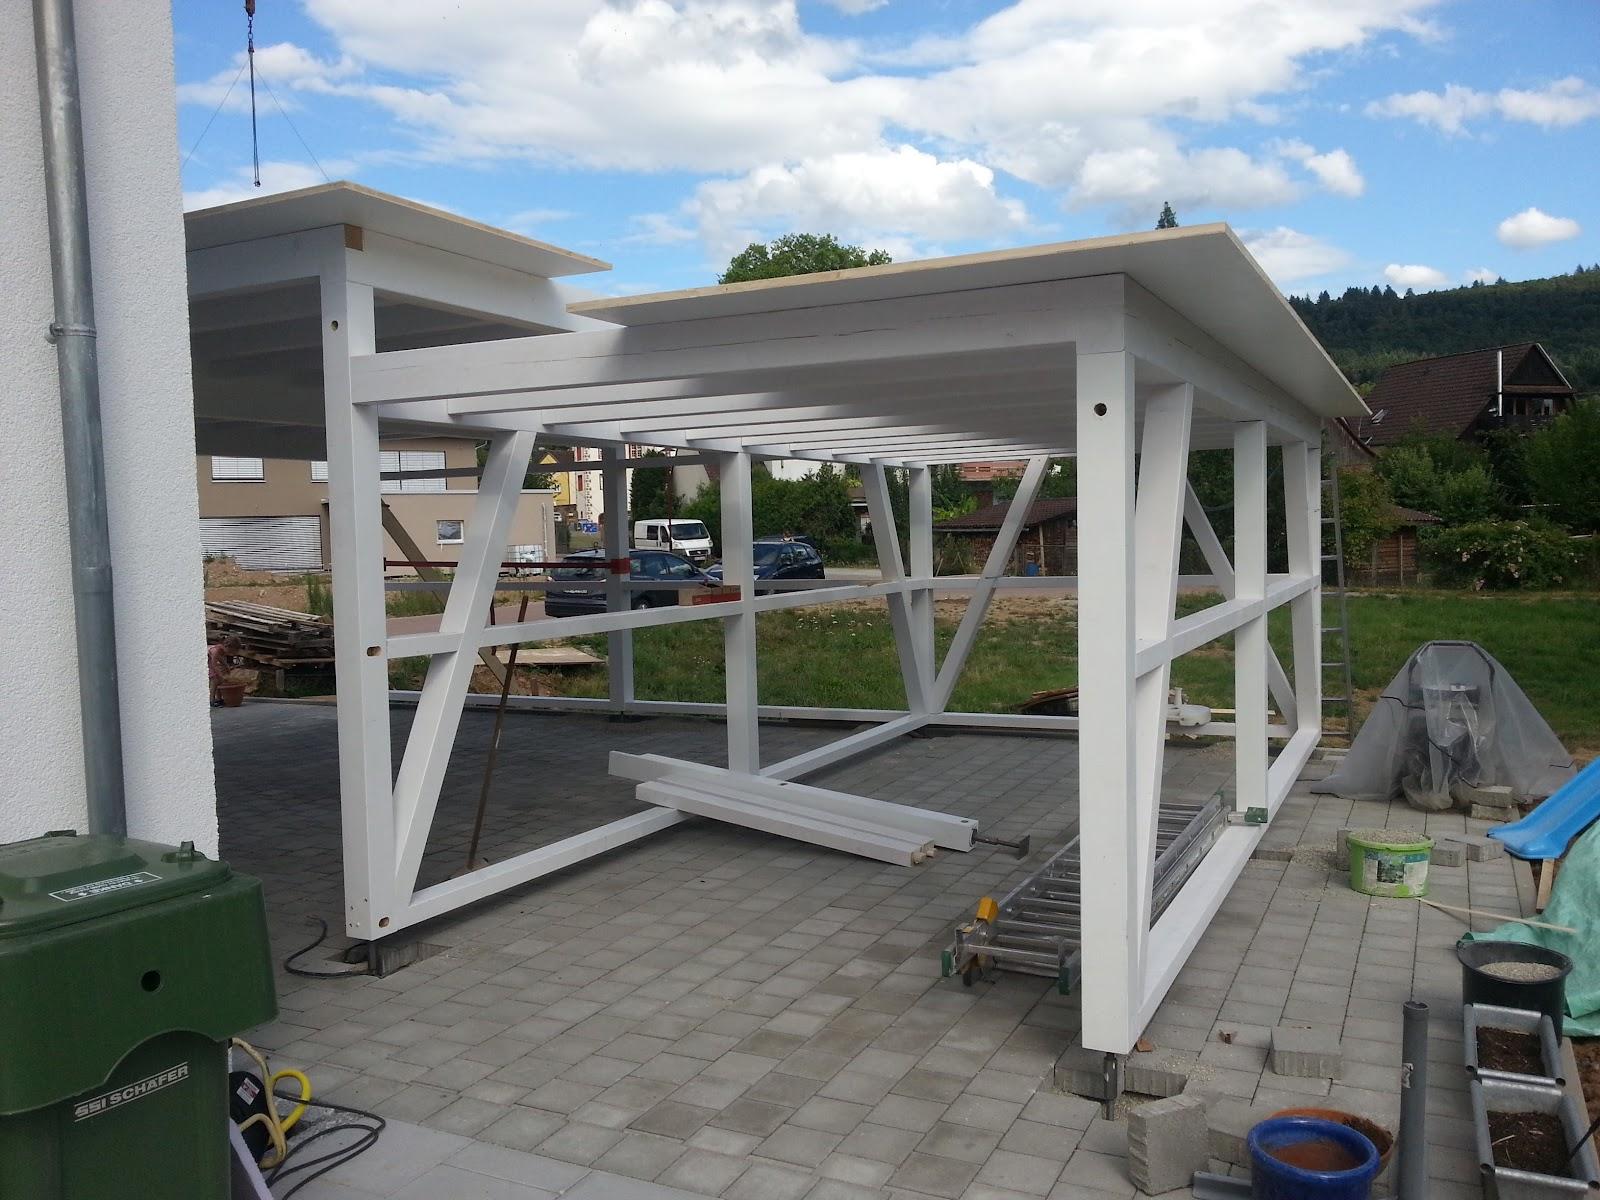 wir bauen ein okal haus der carport schopf kommt. Black Bedroom Furniture Sets. Home Design Ideas